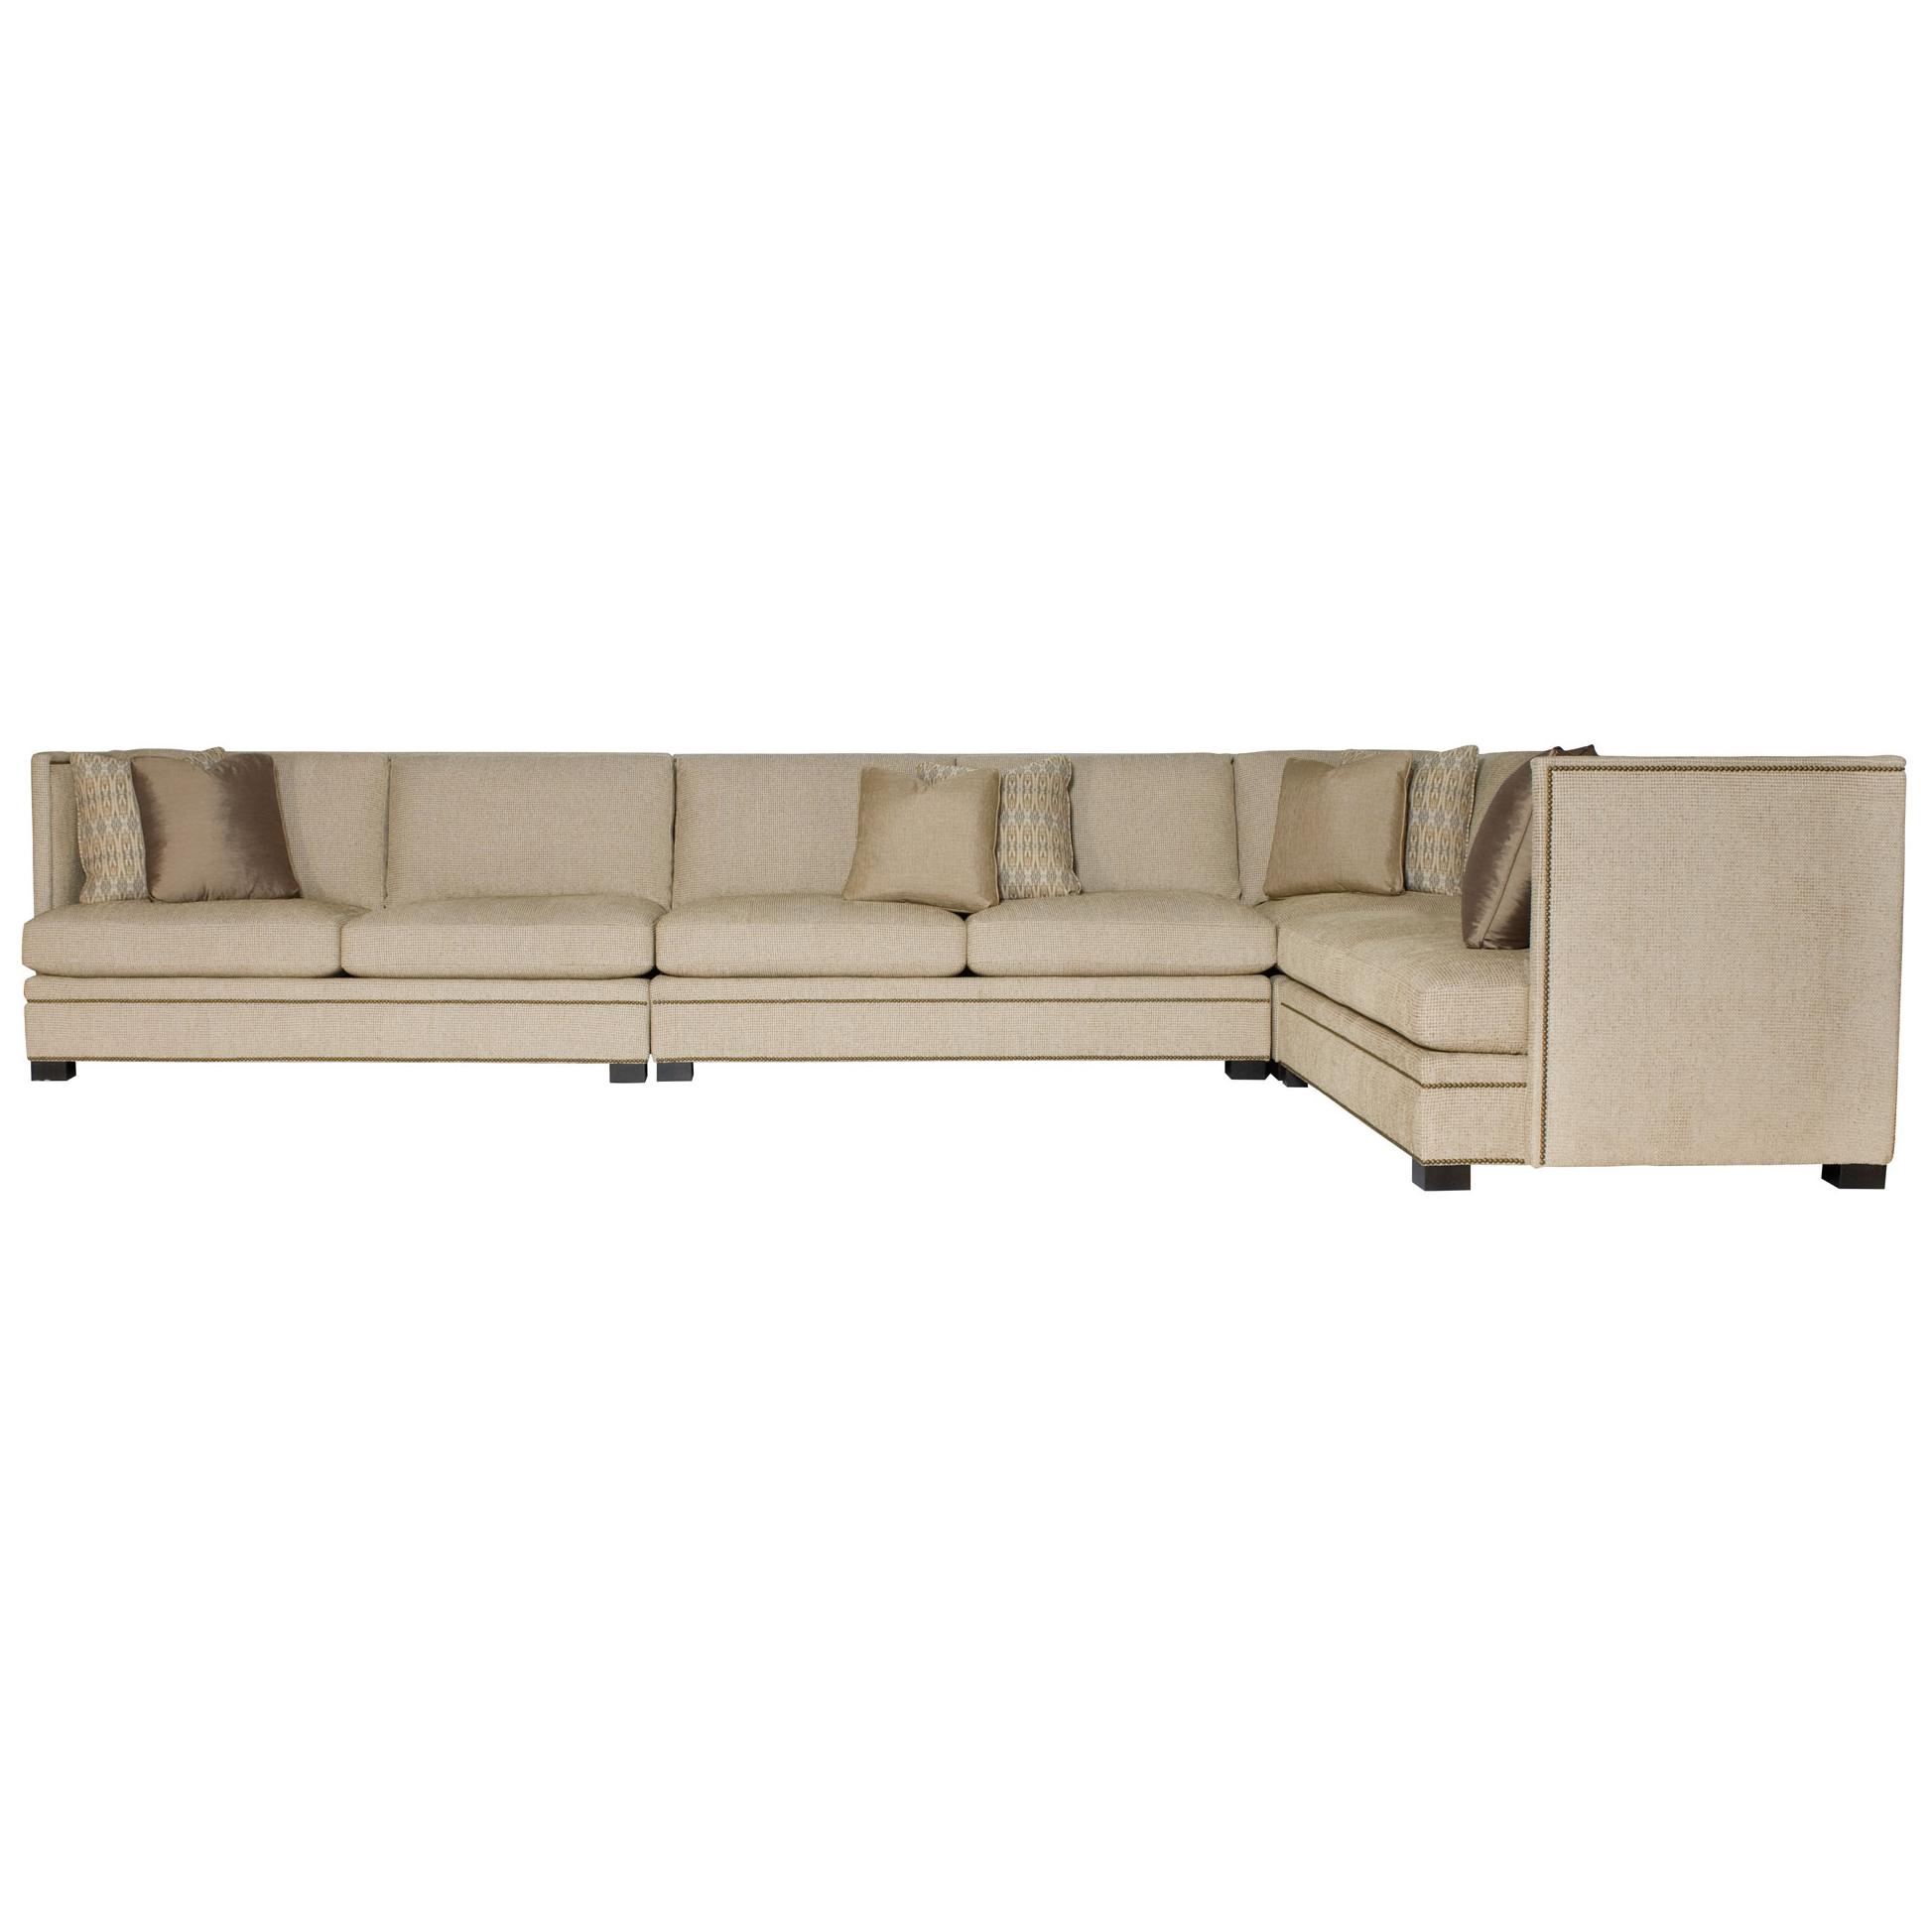 Everly Modern Beige Pillowback 4 Part Sectional - 180.25x111.25